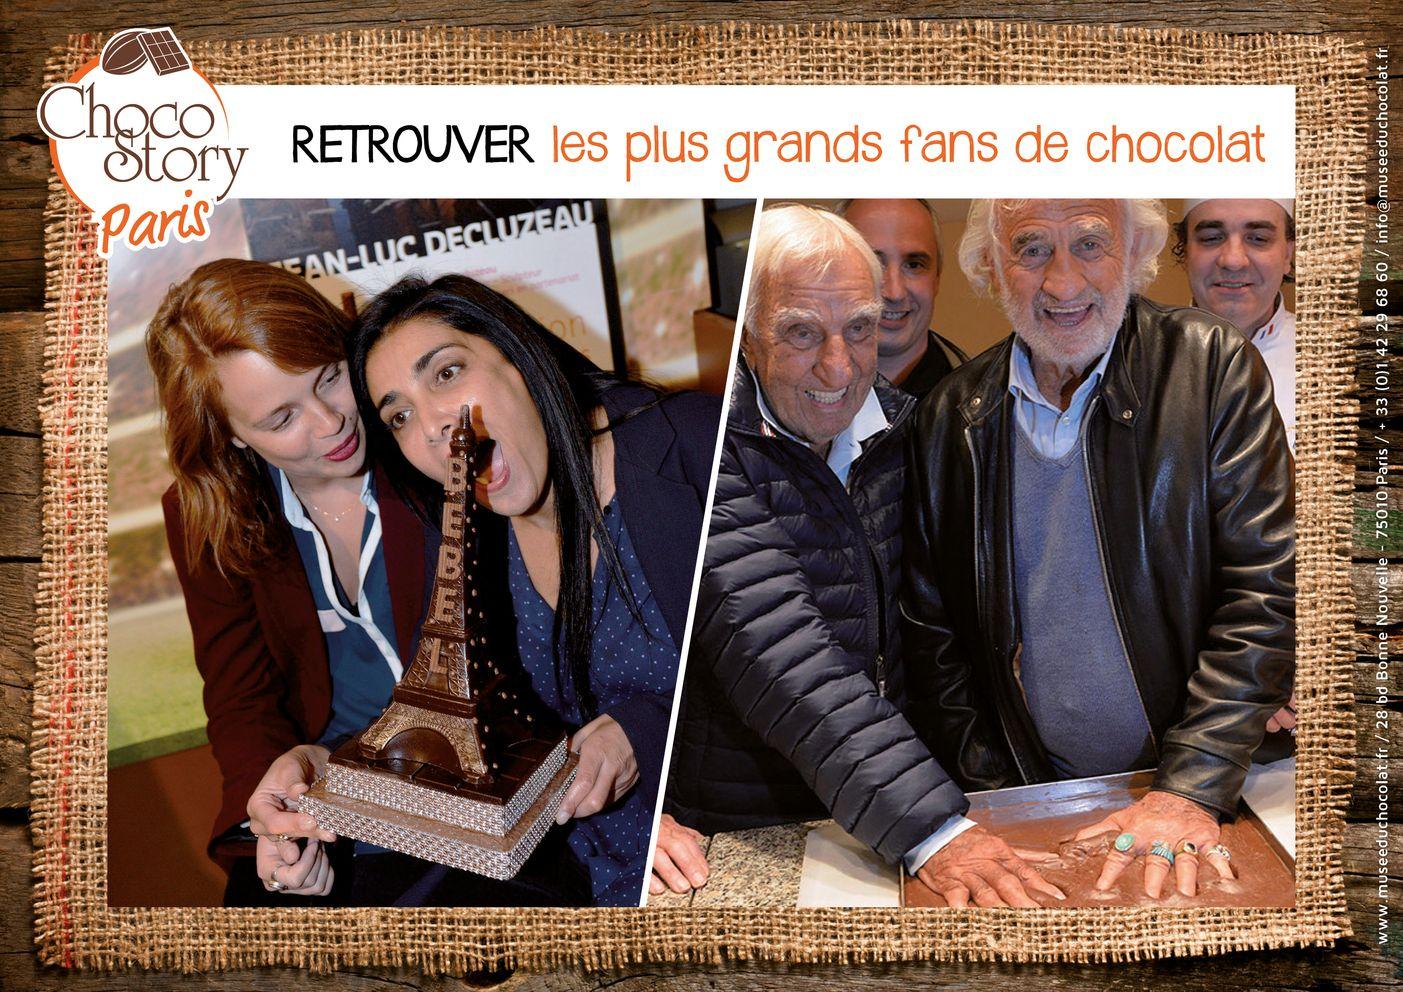 Choco-Story Paris - Visuel Com Média 7